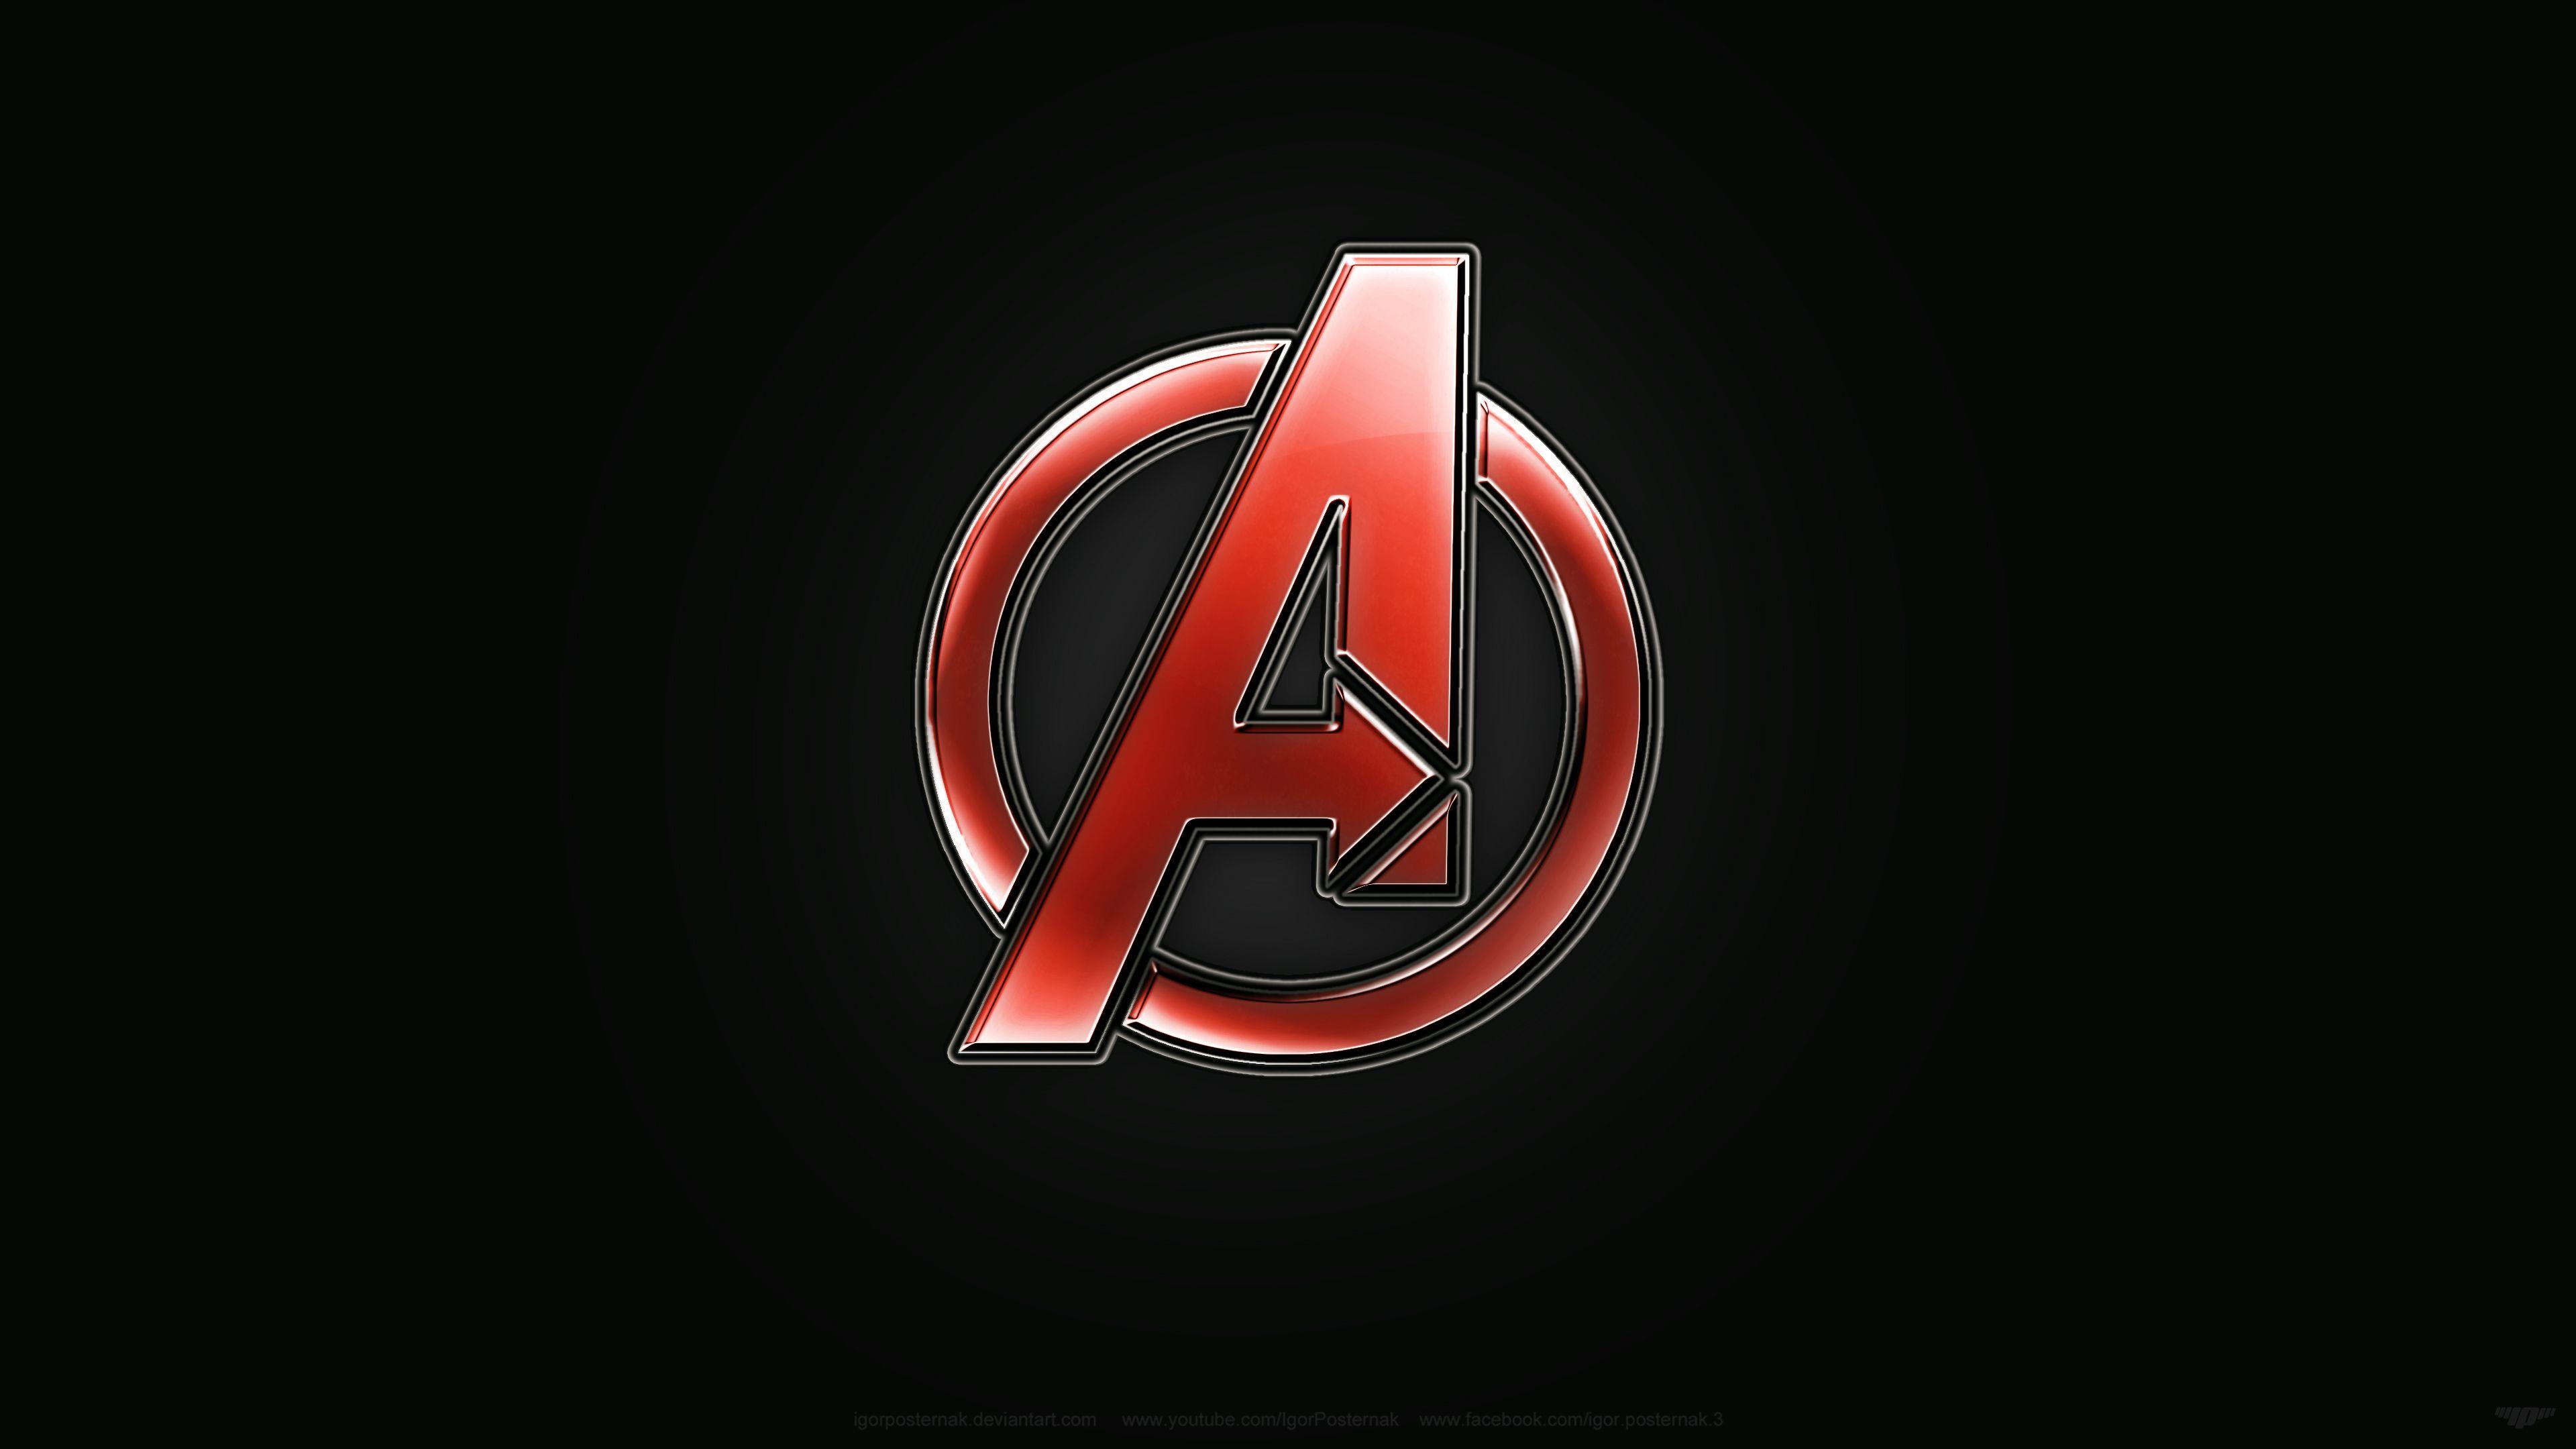 Avengers Logo Design Avengers Logo Avengers Wallpaper Avengers